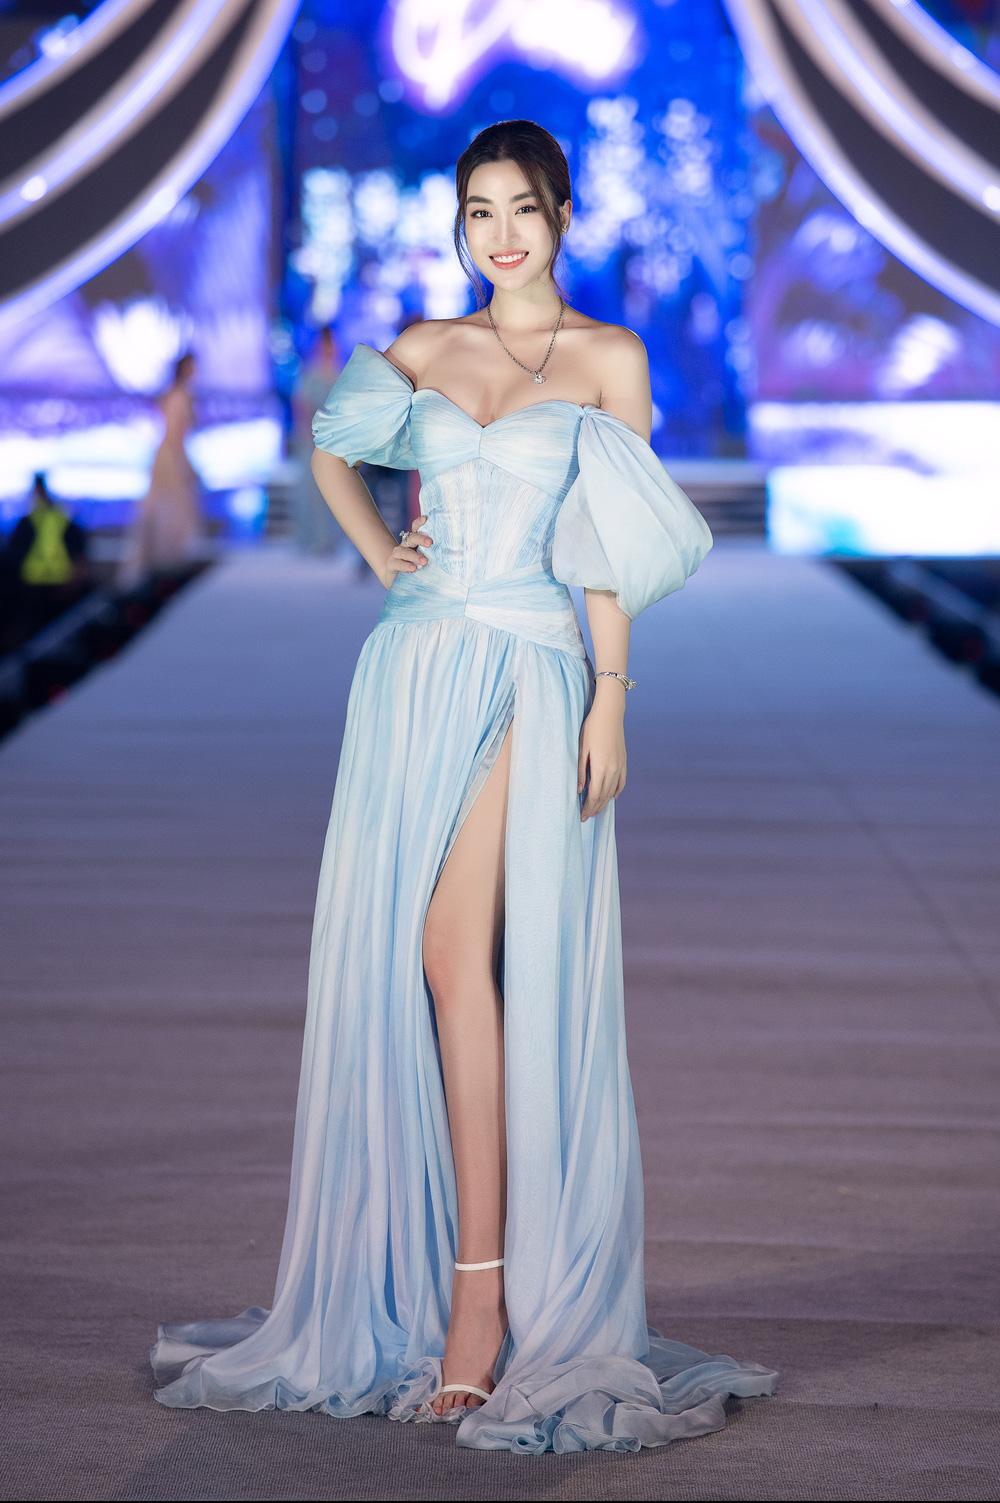 Thụy Vân khoe dáng nóng bỏng bên dàn Hoa hậu, Á hậu - Ảnh 3.